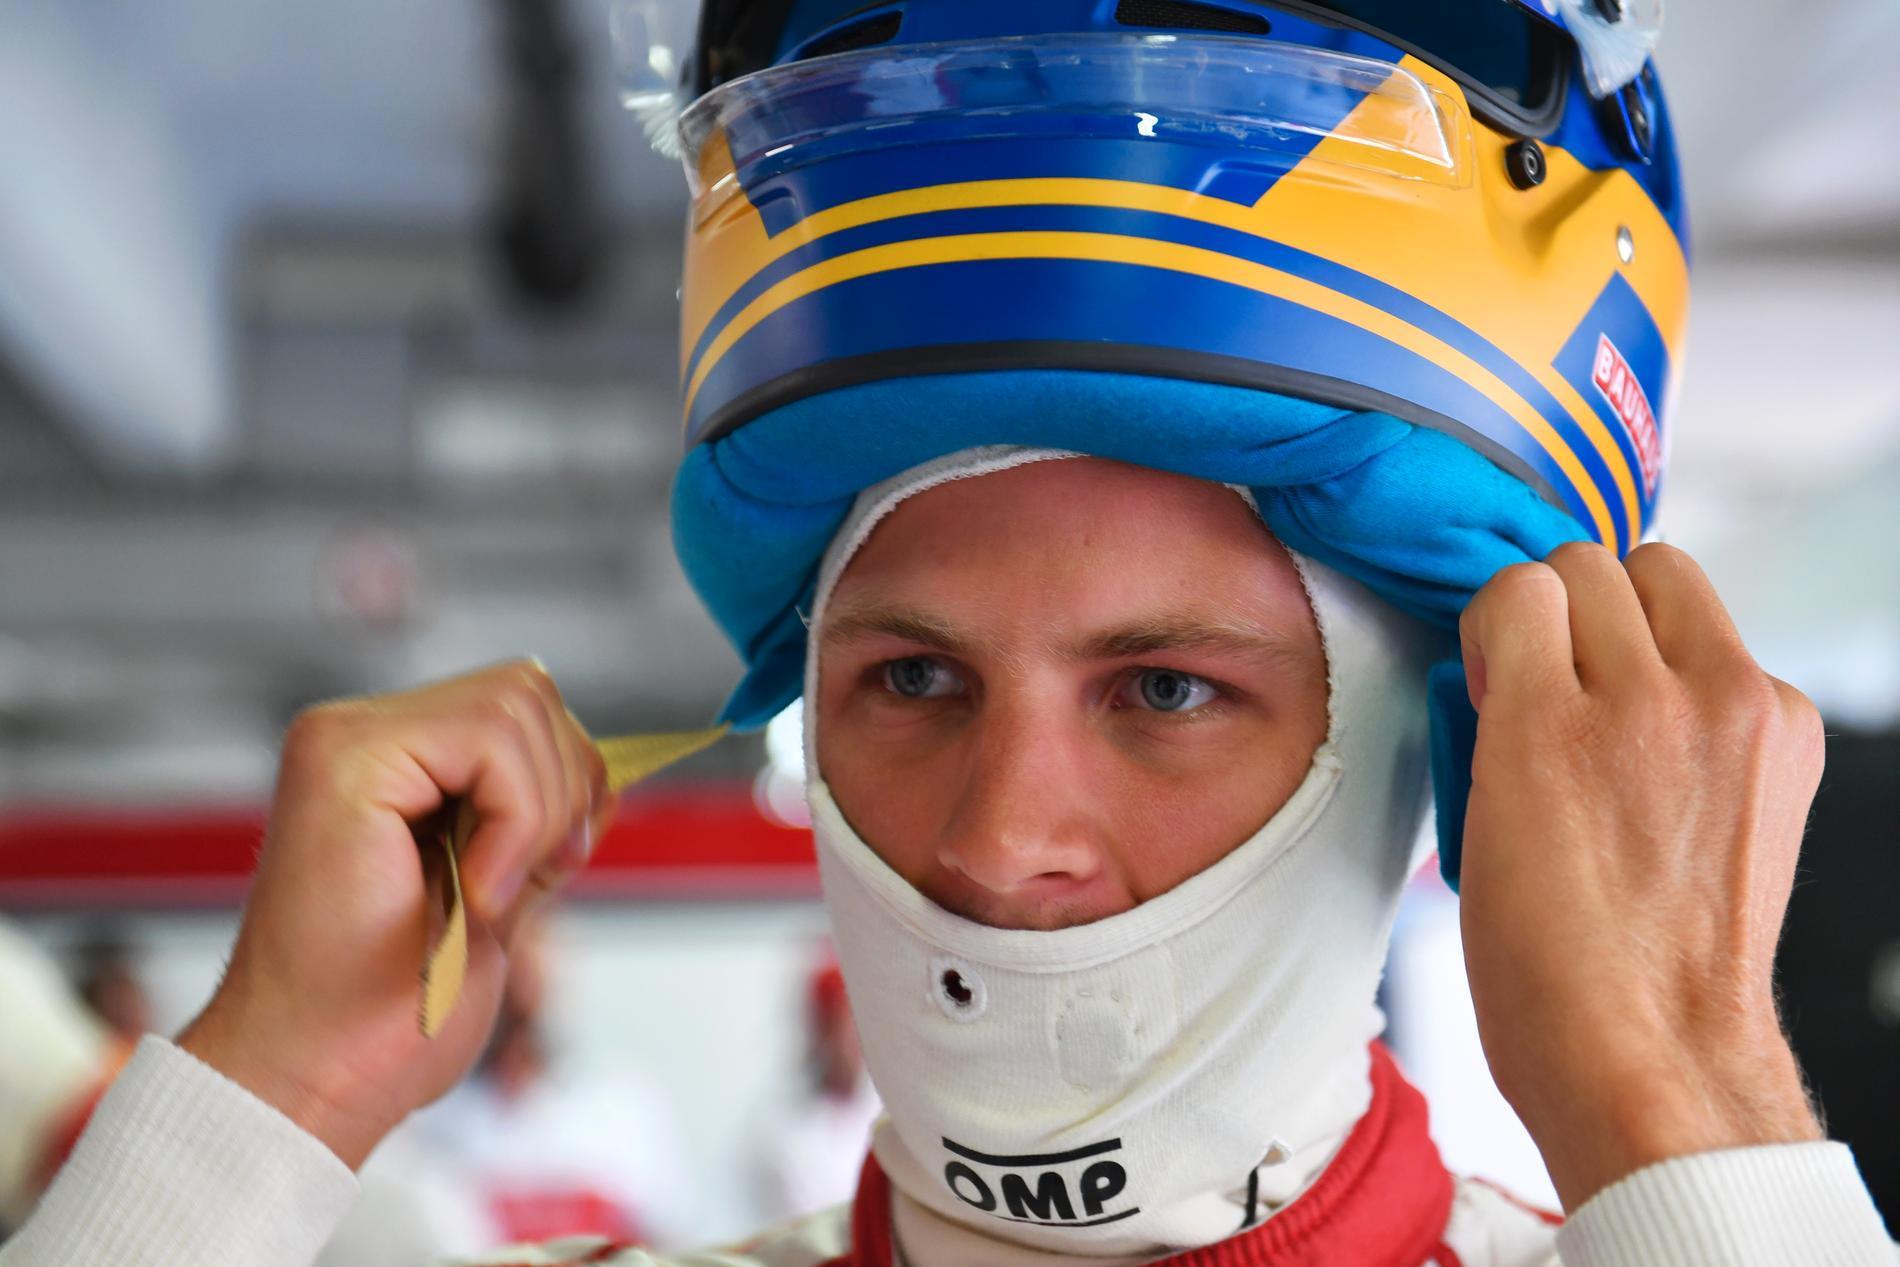 Efter fem år i F1 som förare har Marcus Ericsson en annan roll, han är nu tredjeförare hos Sauber.